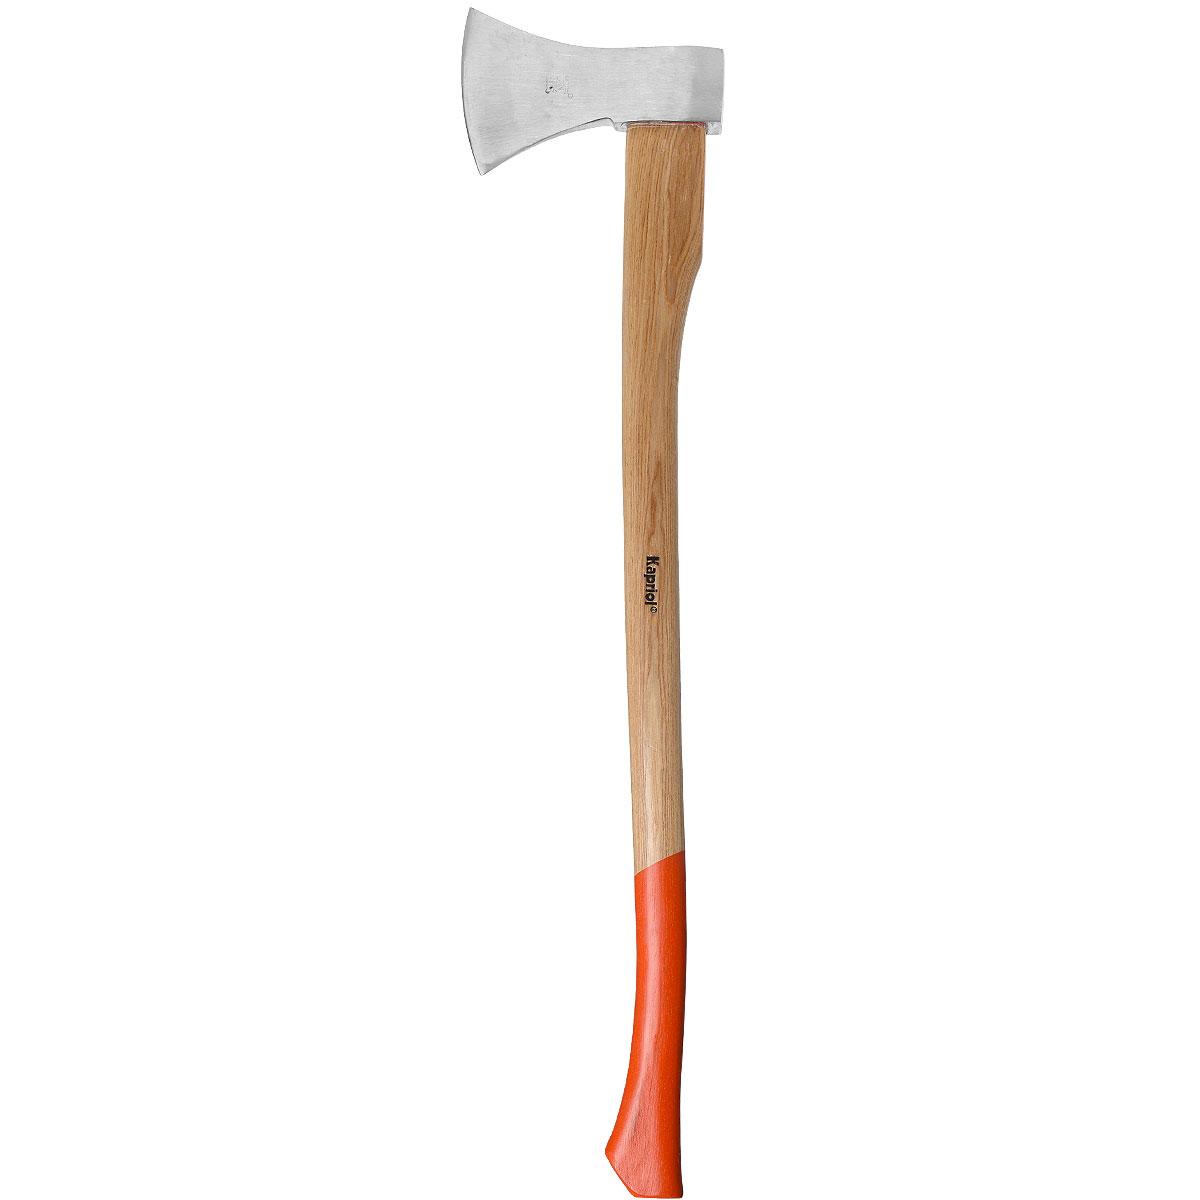 Топор Kapriol, 1600 г, длина 90 см50265Колун Kapriol с длинной деревянной рукояткой предназначен для рубки дров. Материал головки топора: легированная сталь с присадками никеля, хрома и молибдена, что обеспечивает высокую прочность и вязкость; Термическая обработка головки повышают ударопрочность и увеличивают срок службы; Поверхностный слой головки закален, что обеспечивает высокую твердость молотка; Головка колуна соединена с топорищем с помощью прочного эпоксидного клея; Деревянная рукоятка имеет форму соответствующую очертаниям руки, что повышает точность удара и снижает усталость при работе.